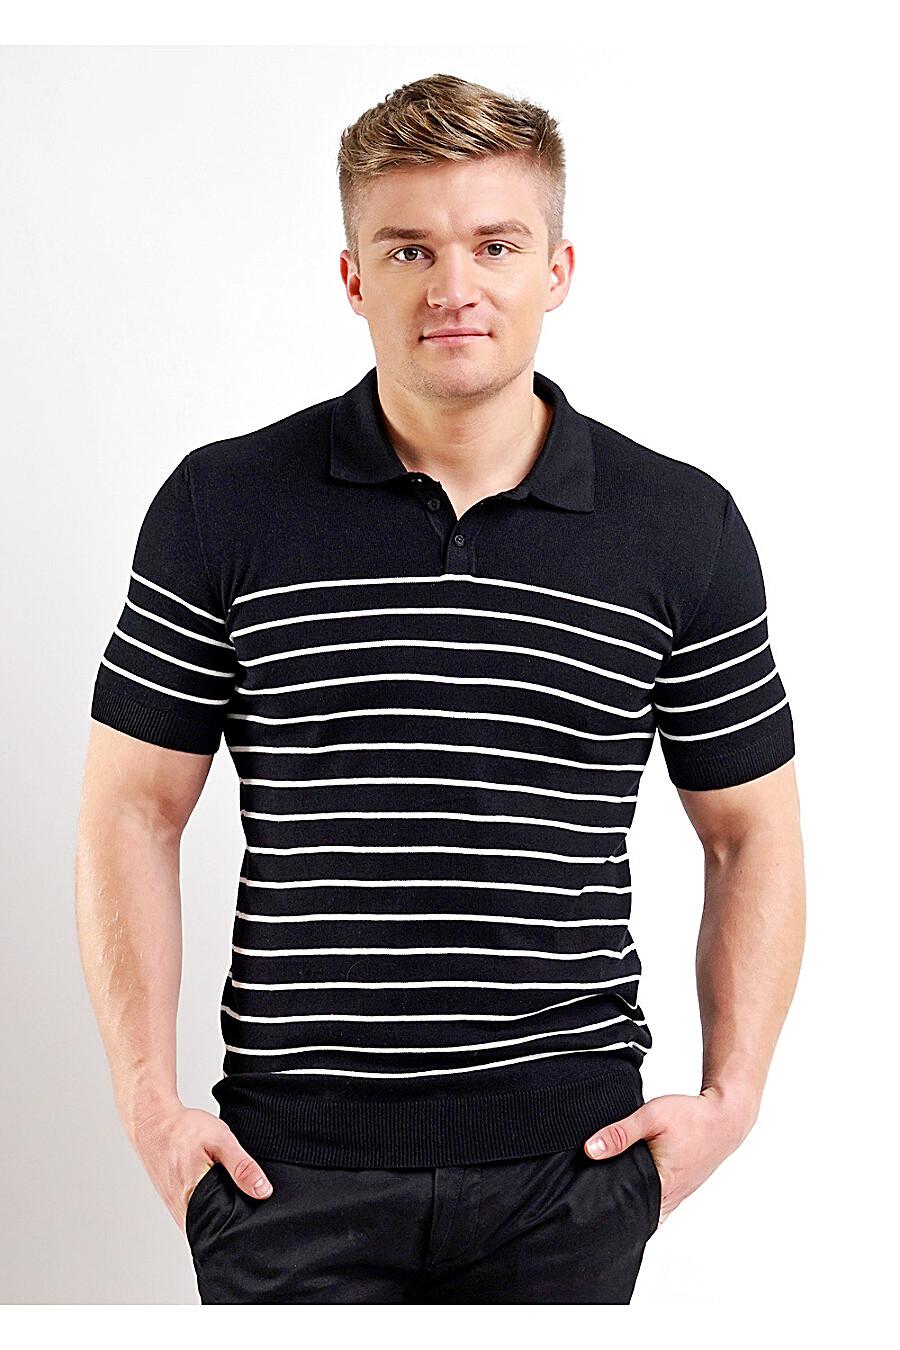 Футболка для мужчин CLEVER 169325 купить оптом от производителя. Совместная покупка мужской одежды в OptMoyo